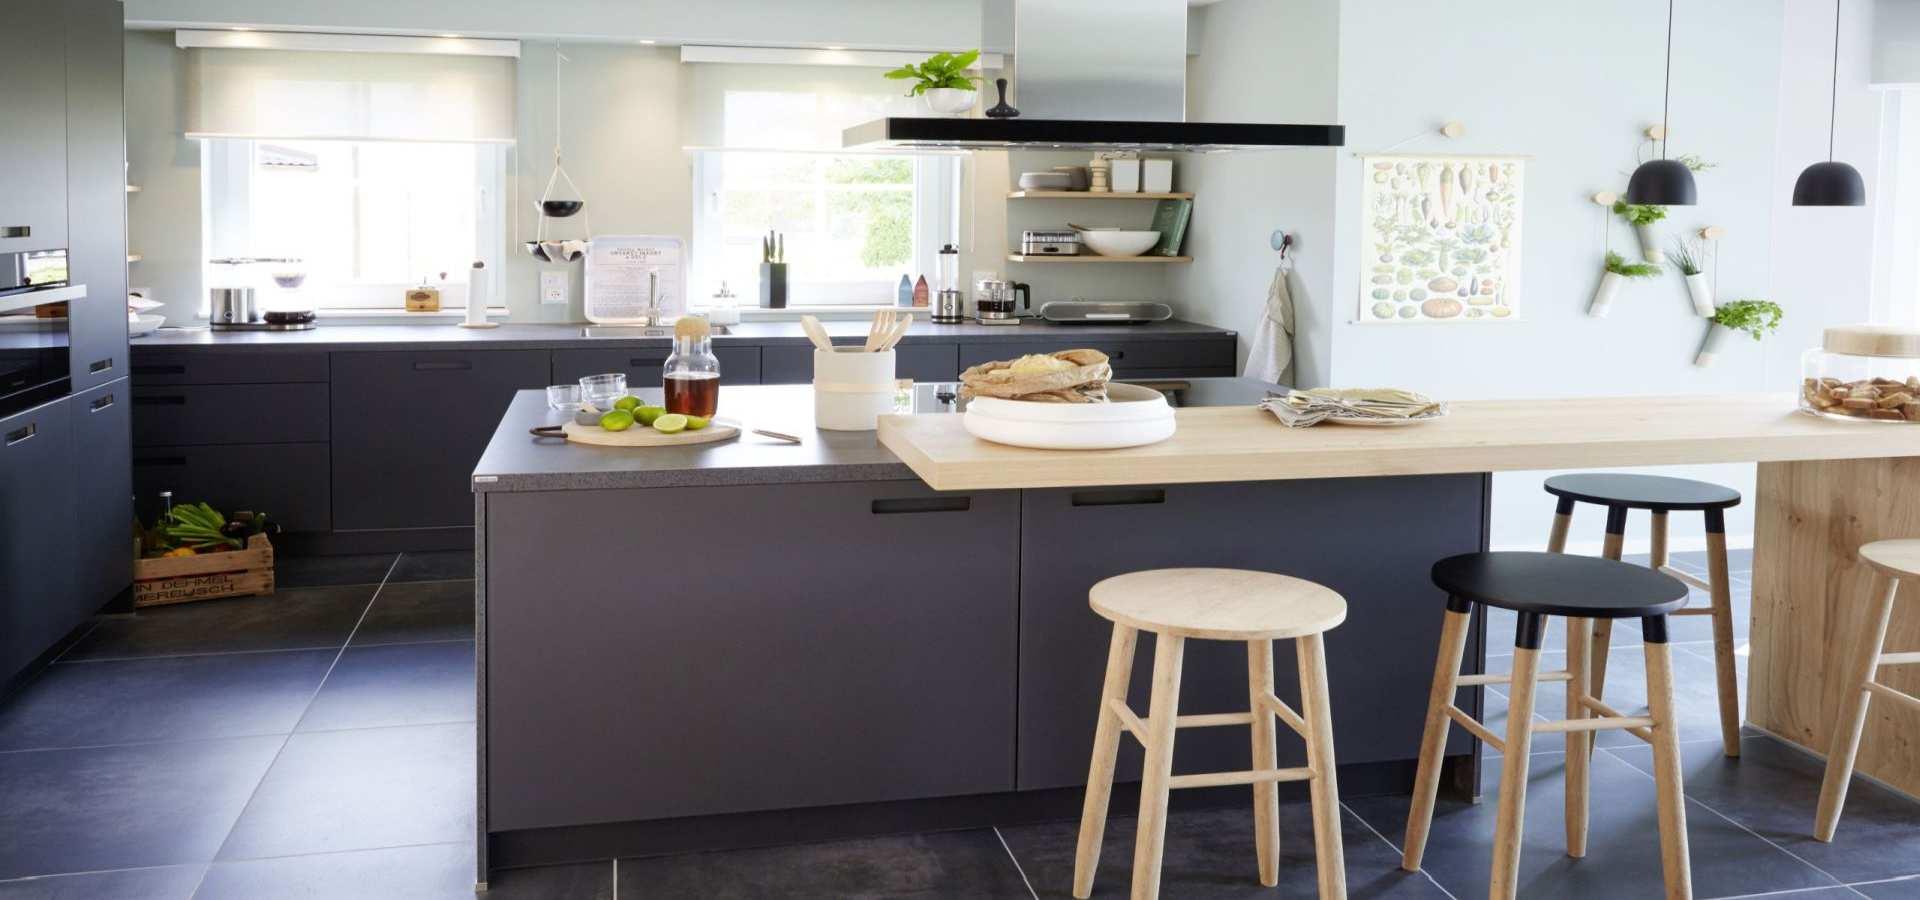 Bild Küche mit Rollos grau